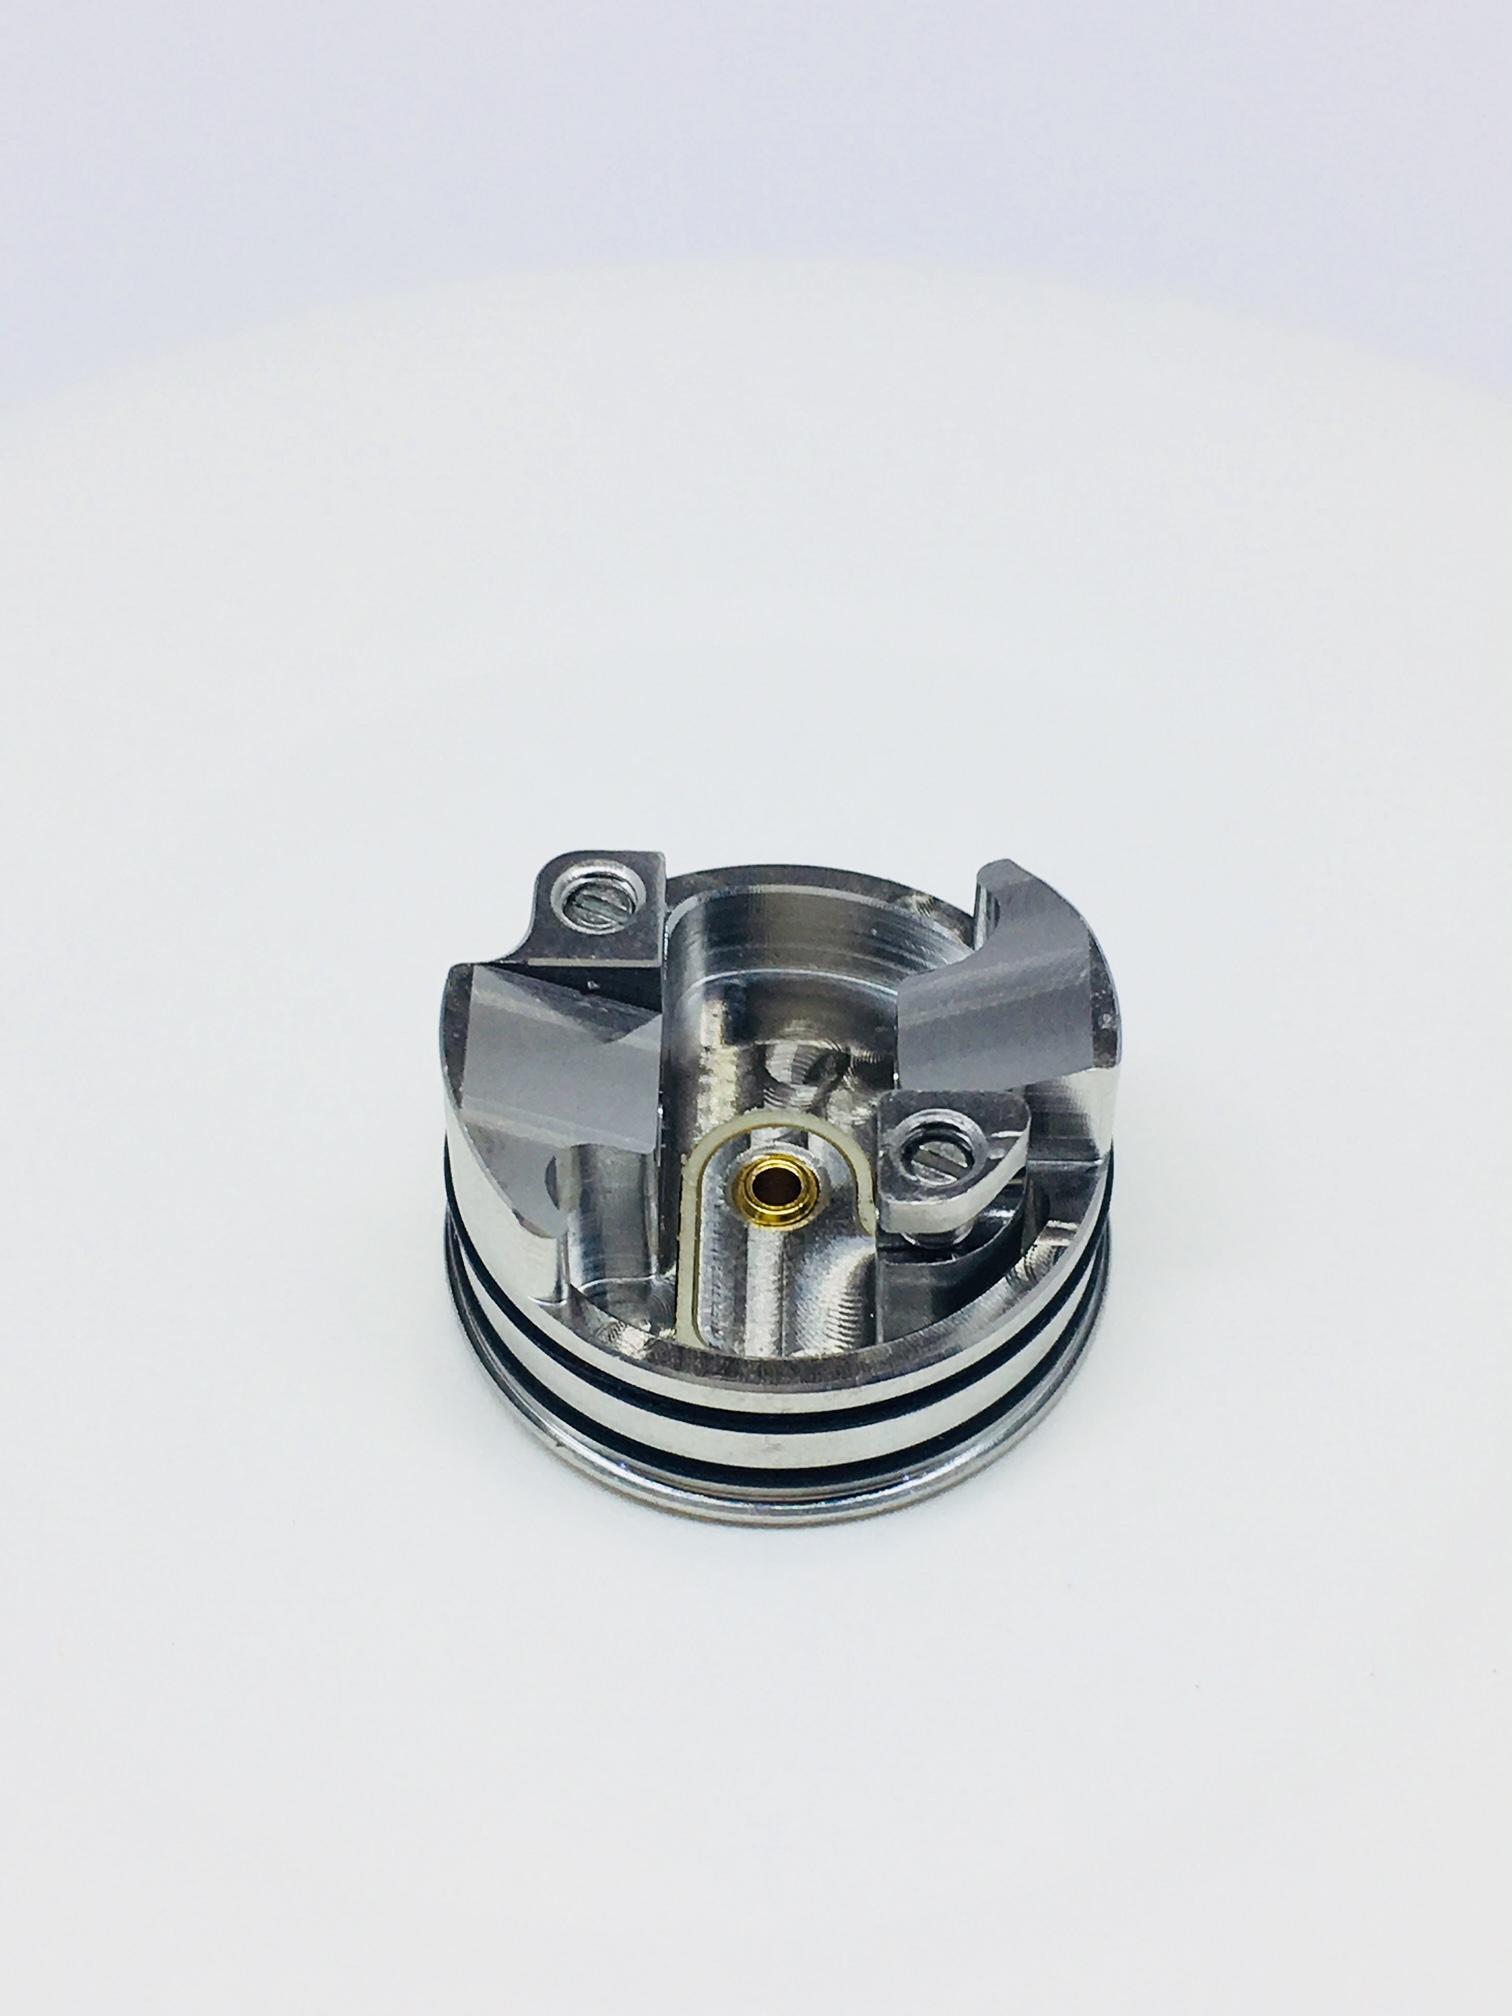 223 - 【レビュー】【日本限定版】HOTCIG RSQ NSキット テクニカルスコンカー BF MOD+アトマイザー スターターキット リフィルボトル付き限定版 控えめに言ってヤヴァイやつ。